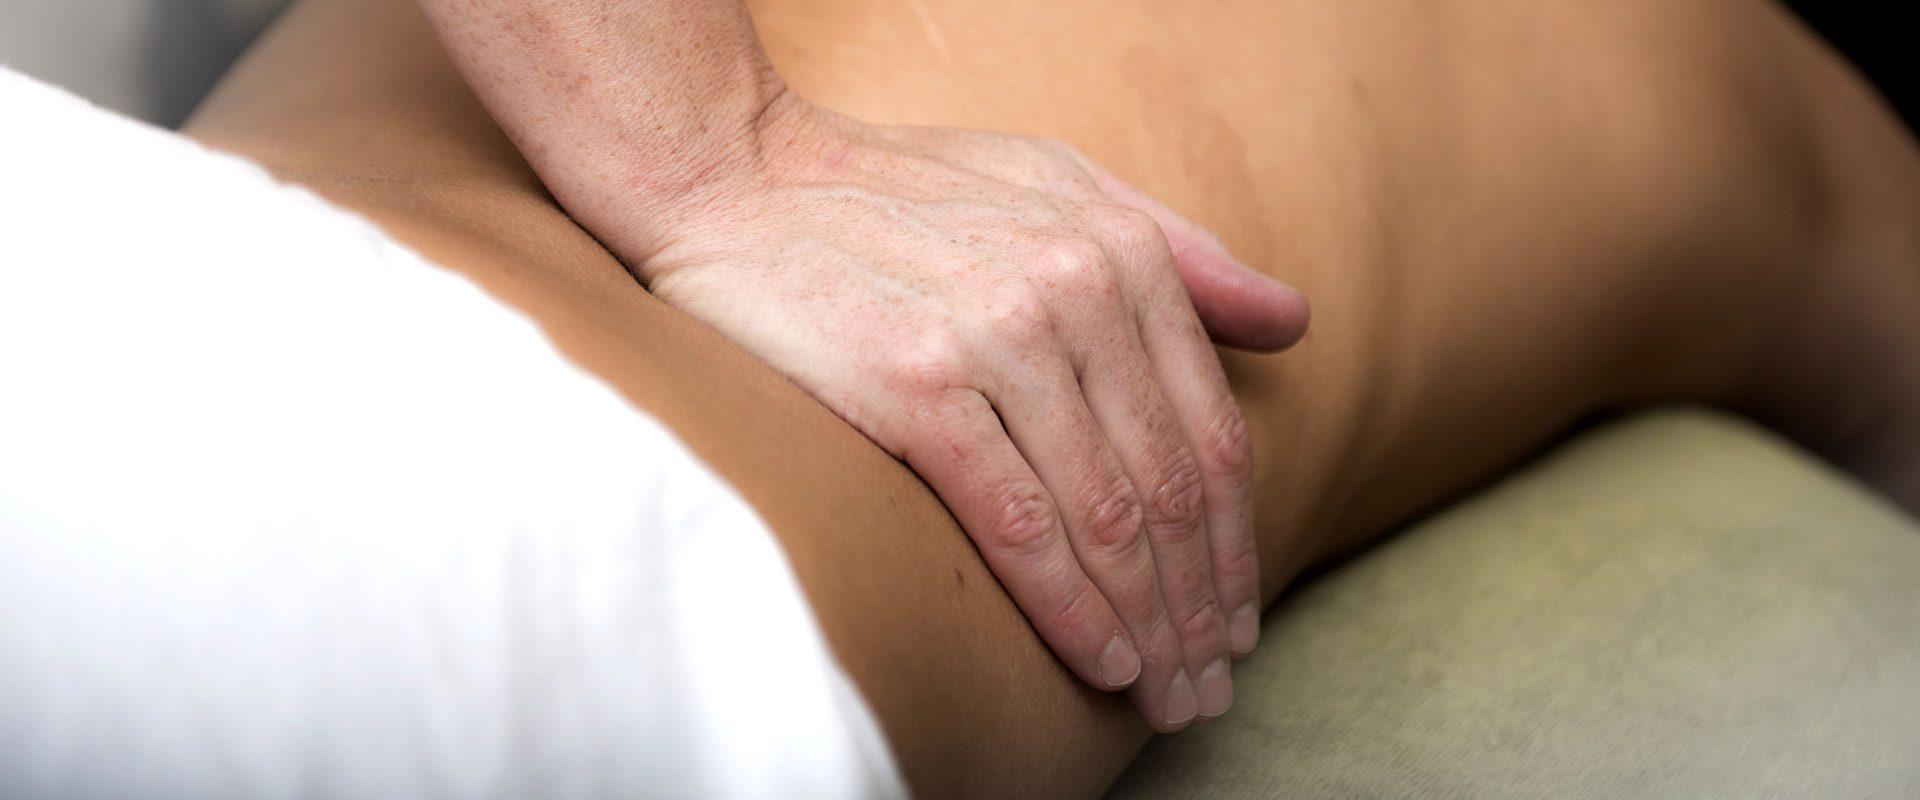 Rug-schouder-nek massage - Bicasa